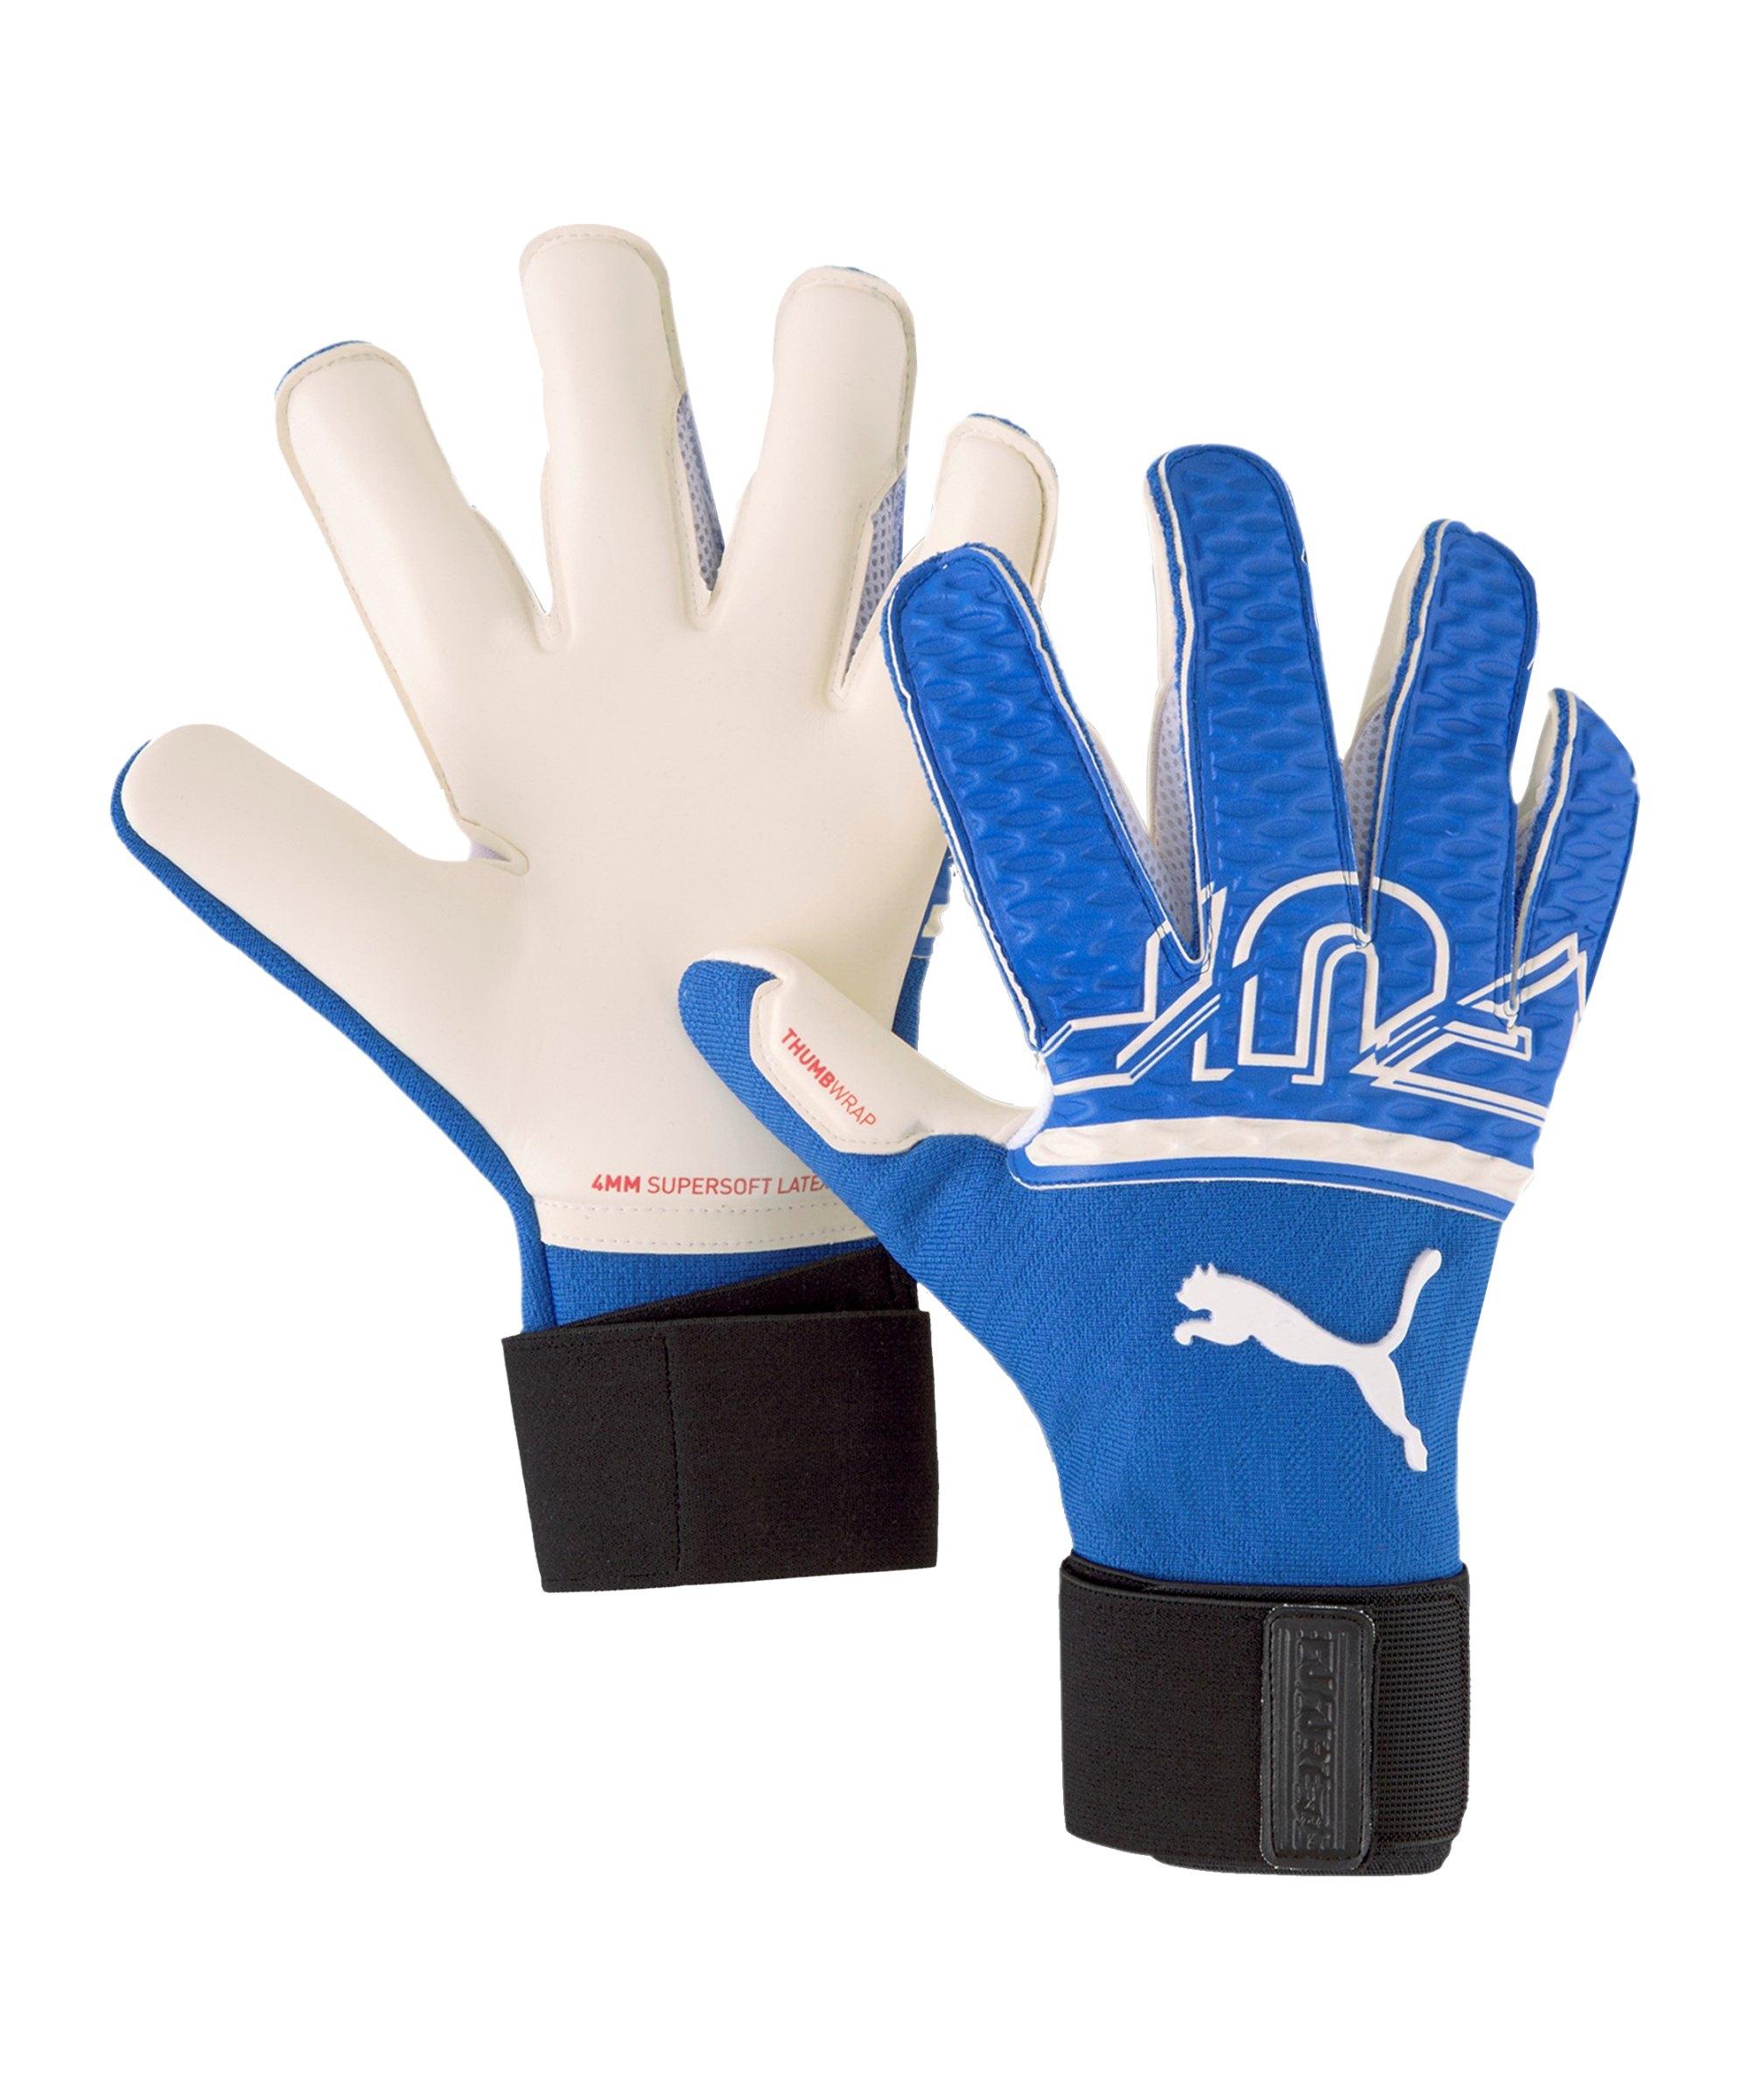 PUMA FUTURE Z Grip 2 SGC Faster Football TW-Handschuh Blau F04 - blau